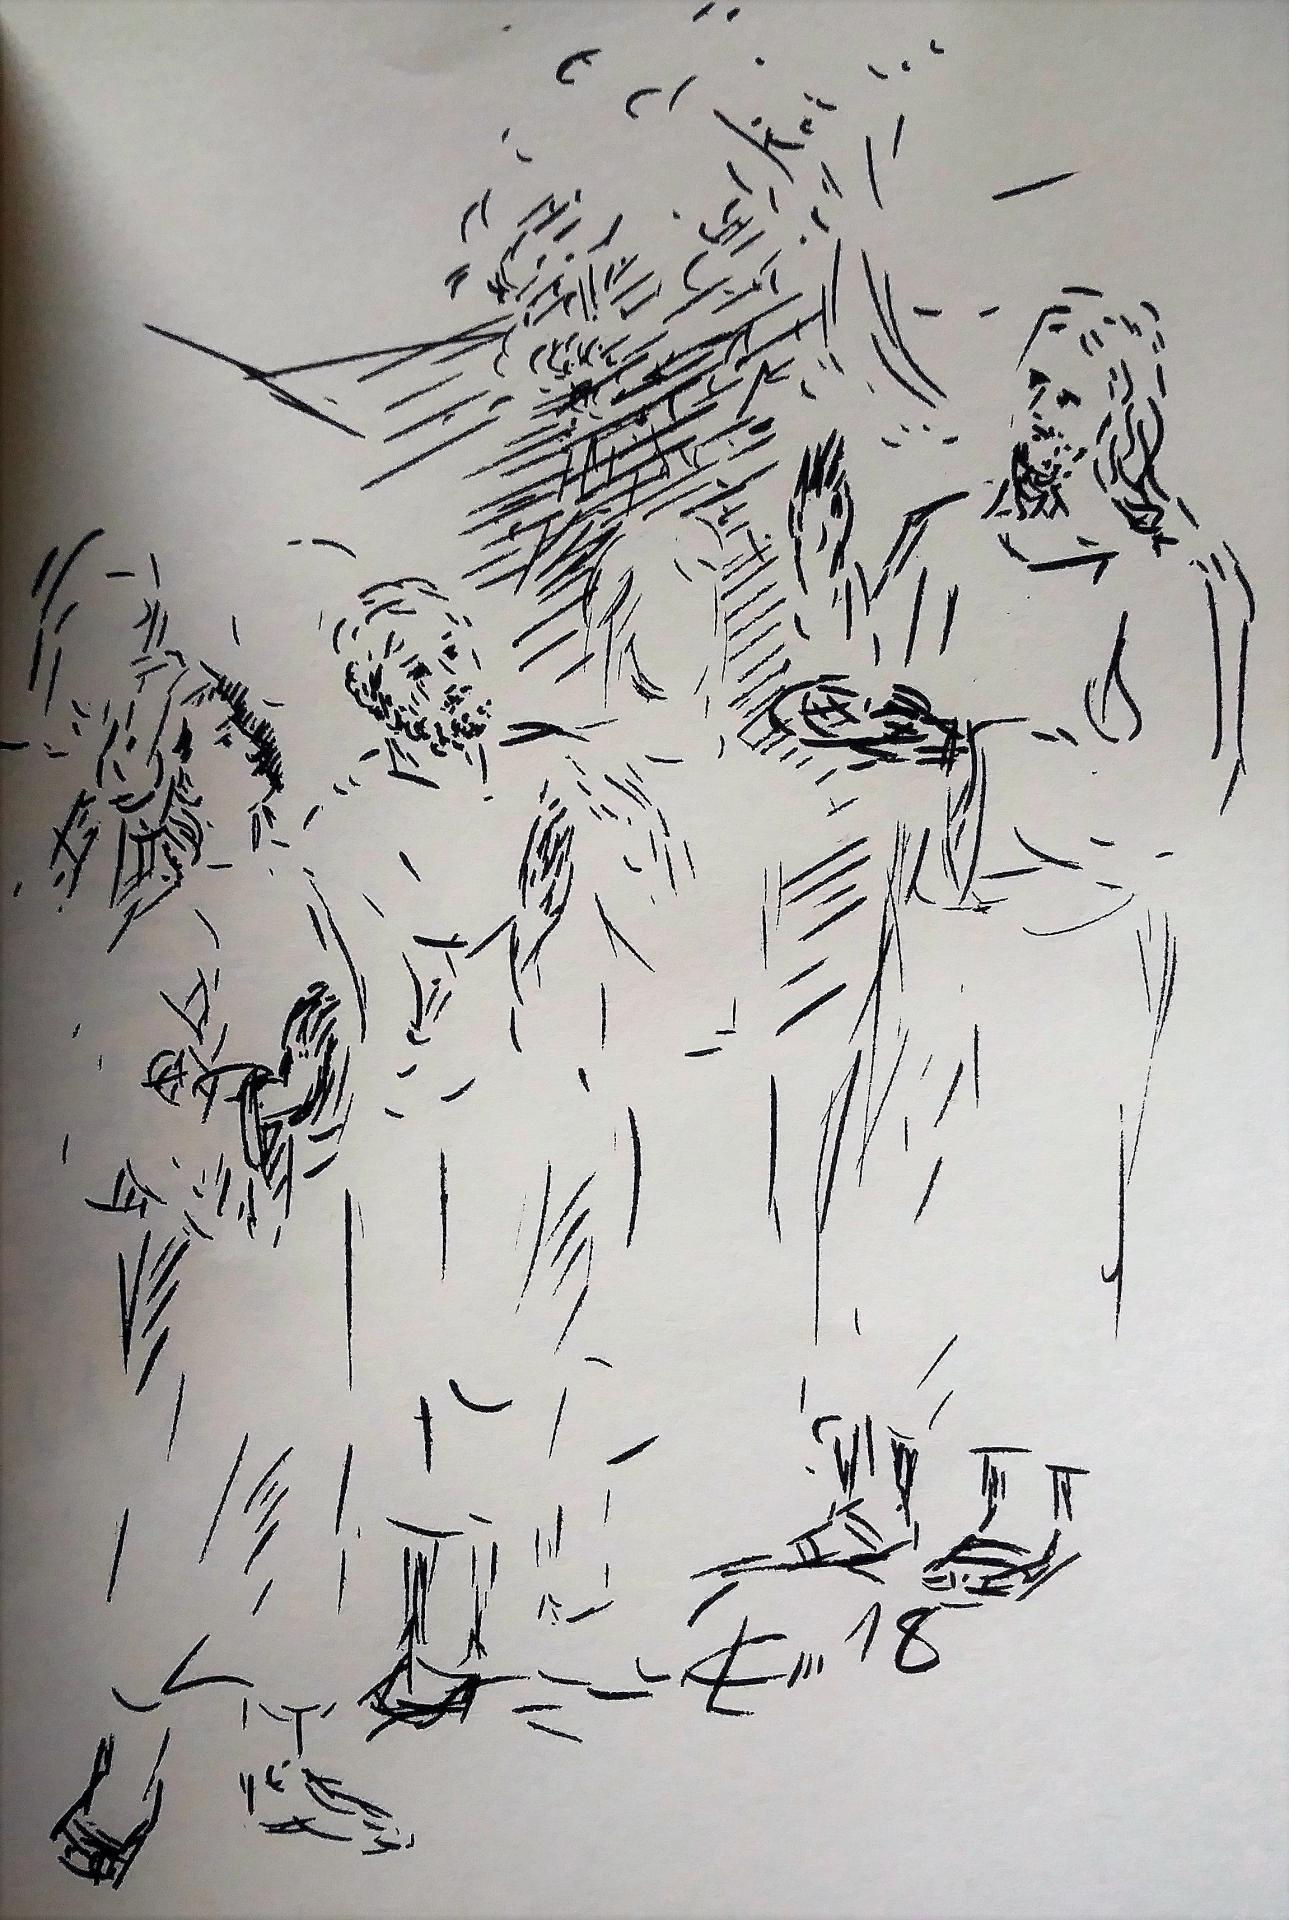 13 Avril 2018, évangile du jour illustré par un dessin au lavis